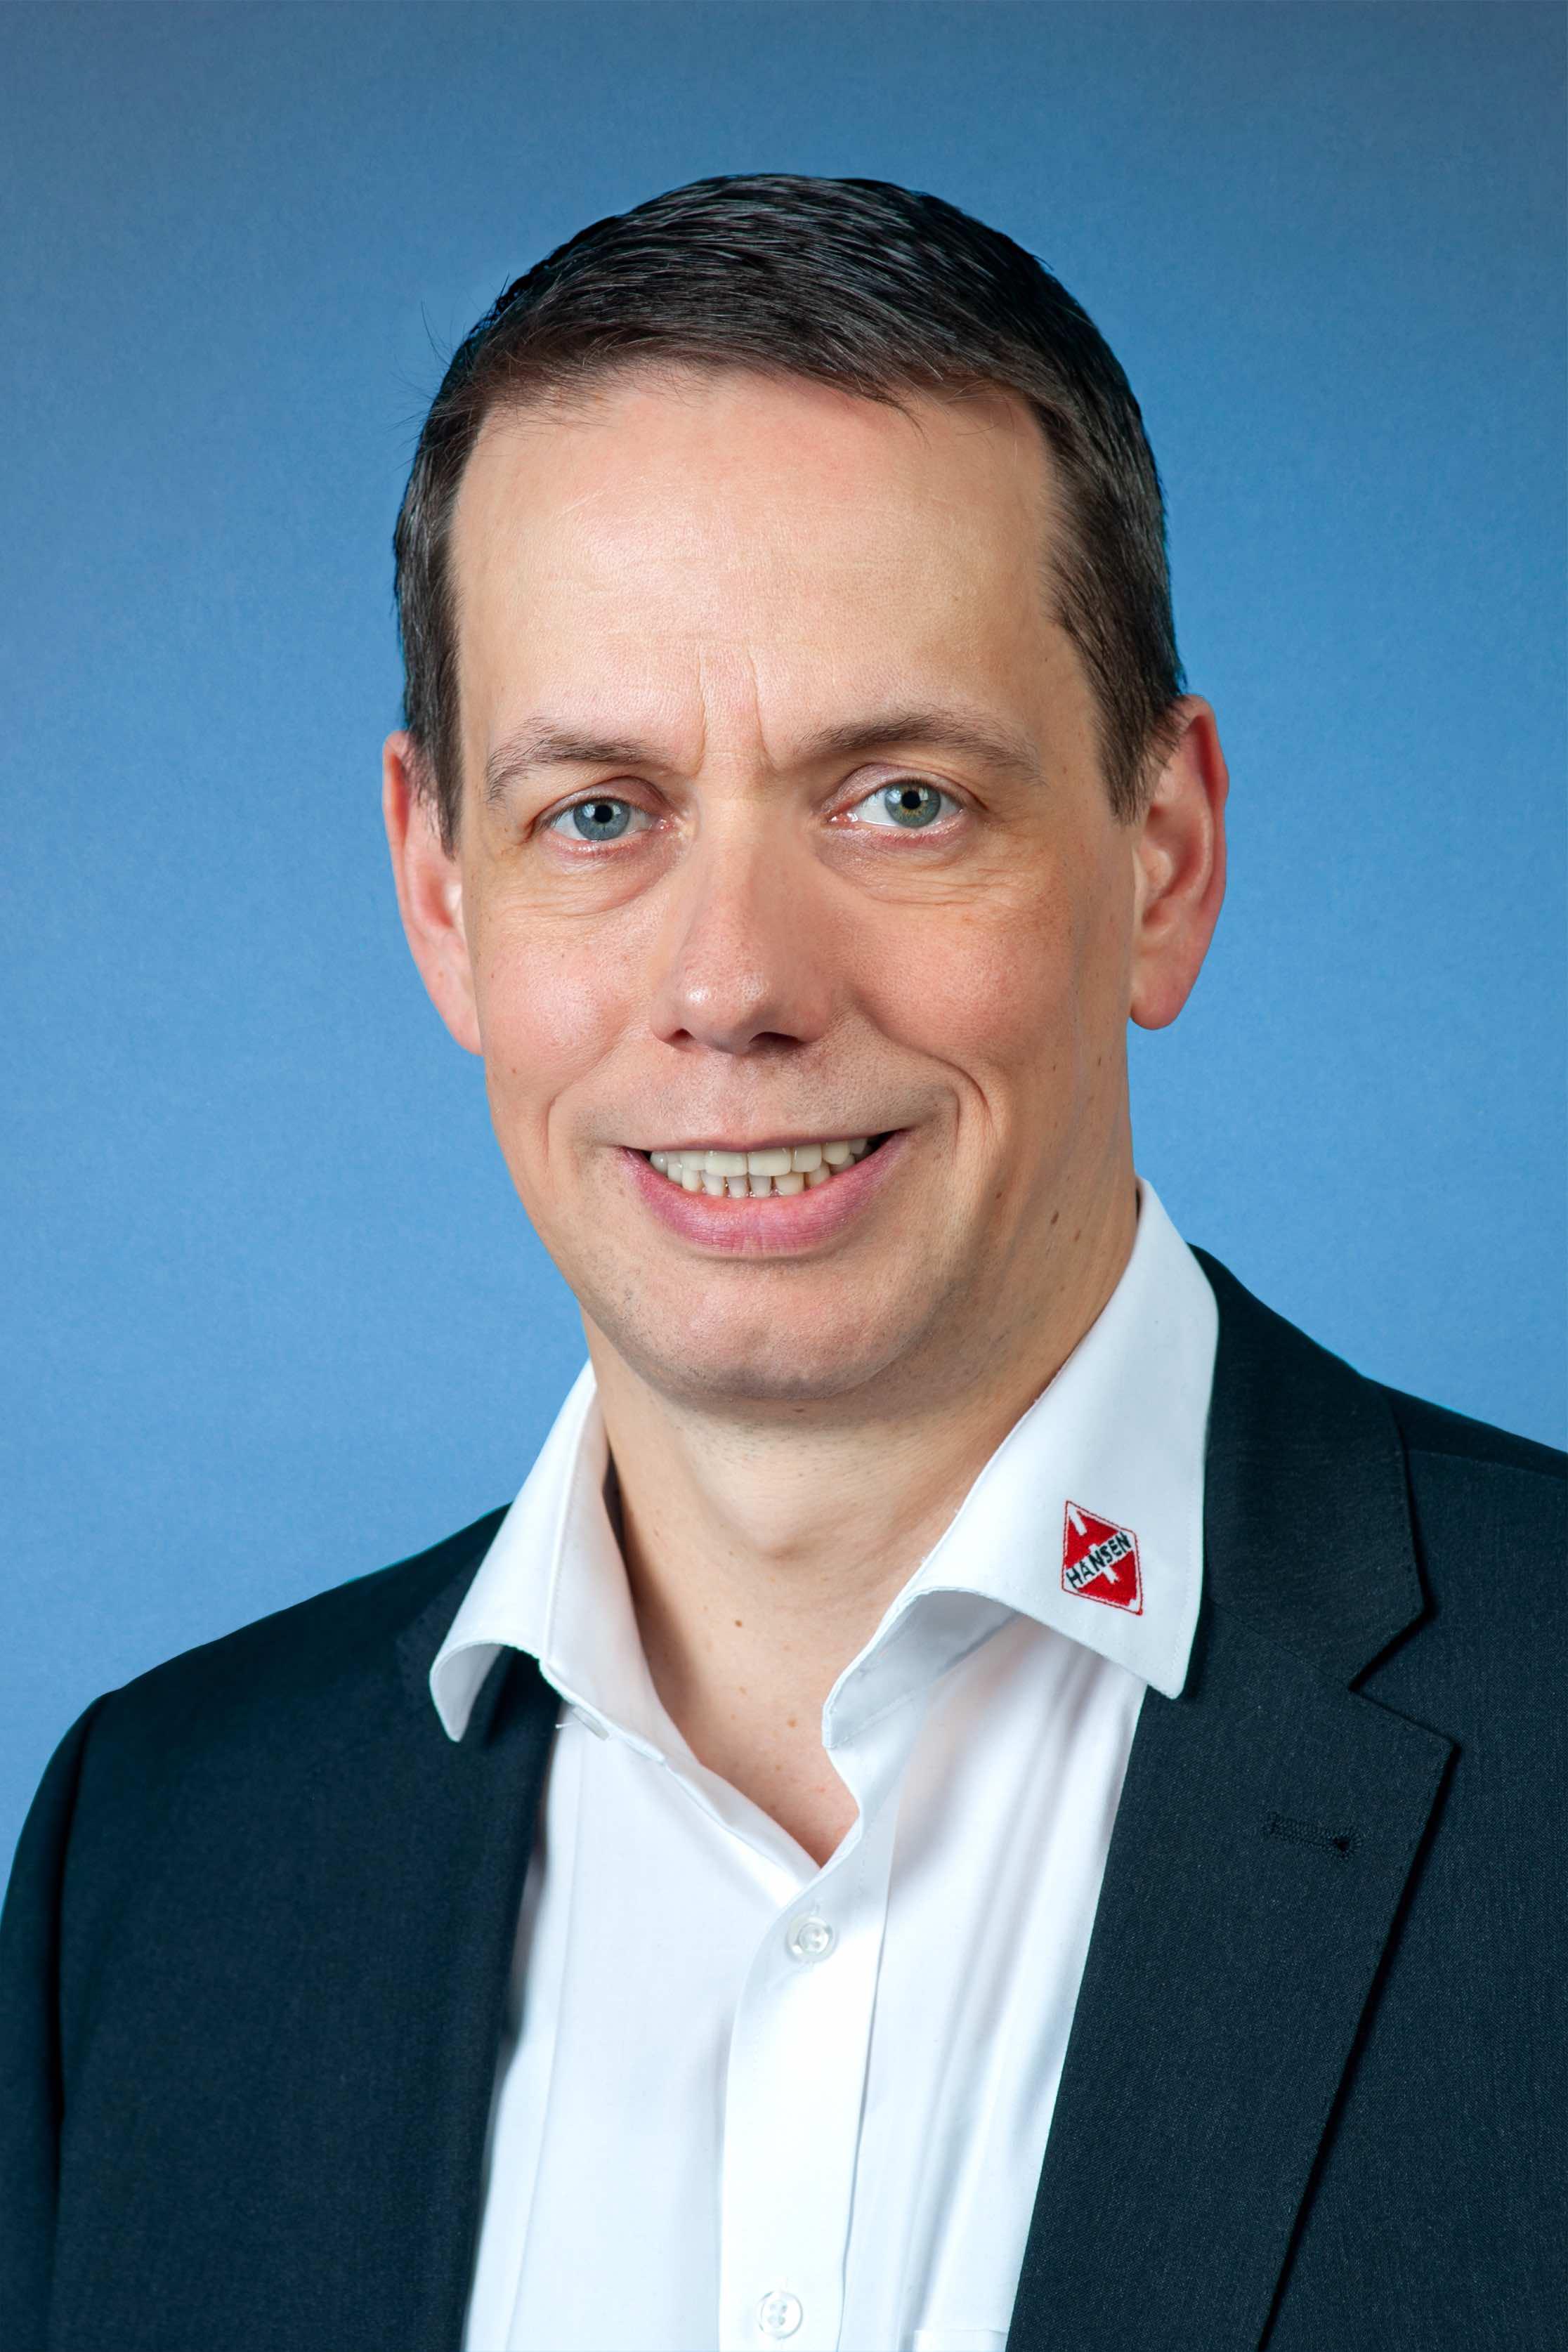 Mitarbeiter HWT Hansen, Heizungsfirma, Heizung, Wärme- und Tanktechnik